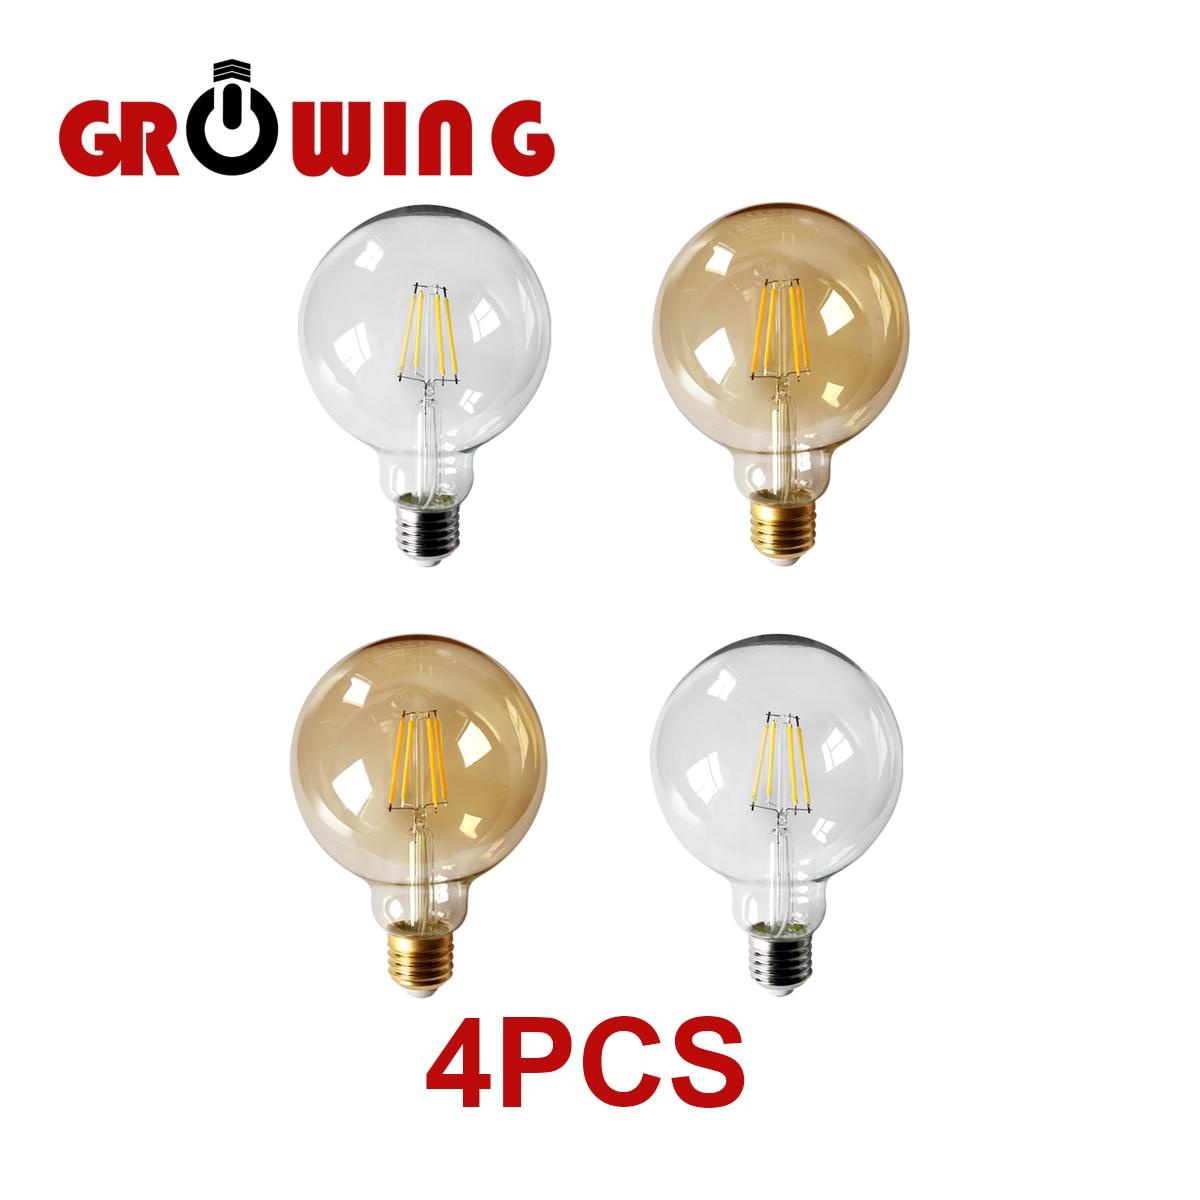 4pcs/lot Retro Edison Filament Bulb G95 E27 6W Bombillas 220V-240V Vintage Lamp 2500K Gold Glass Bulb Home Decoration